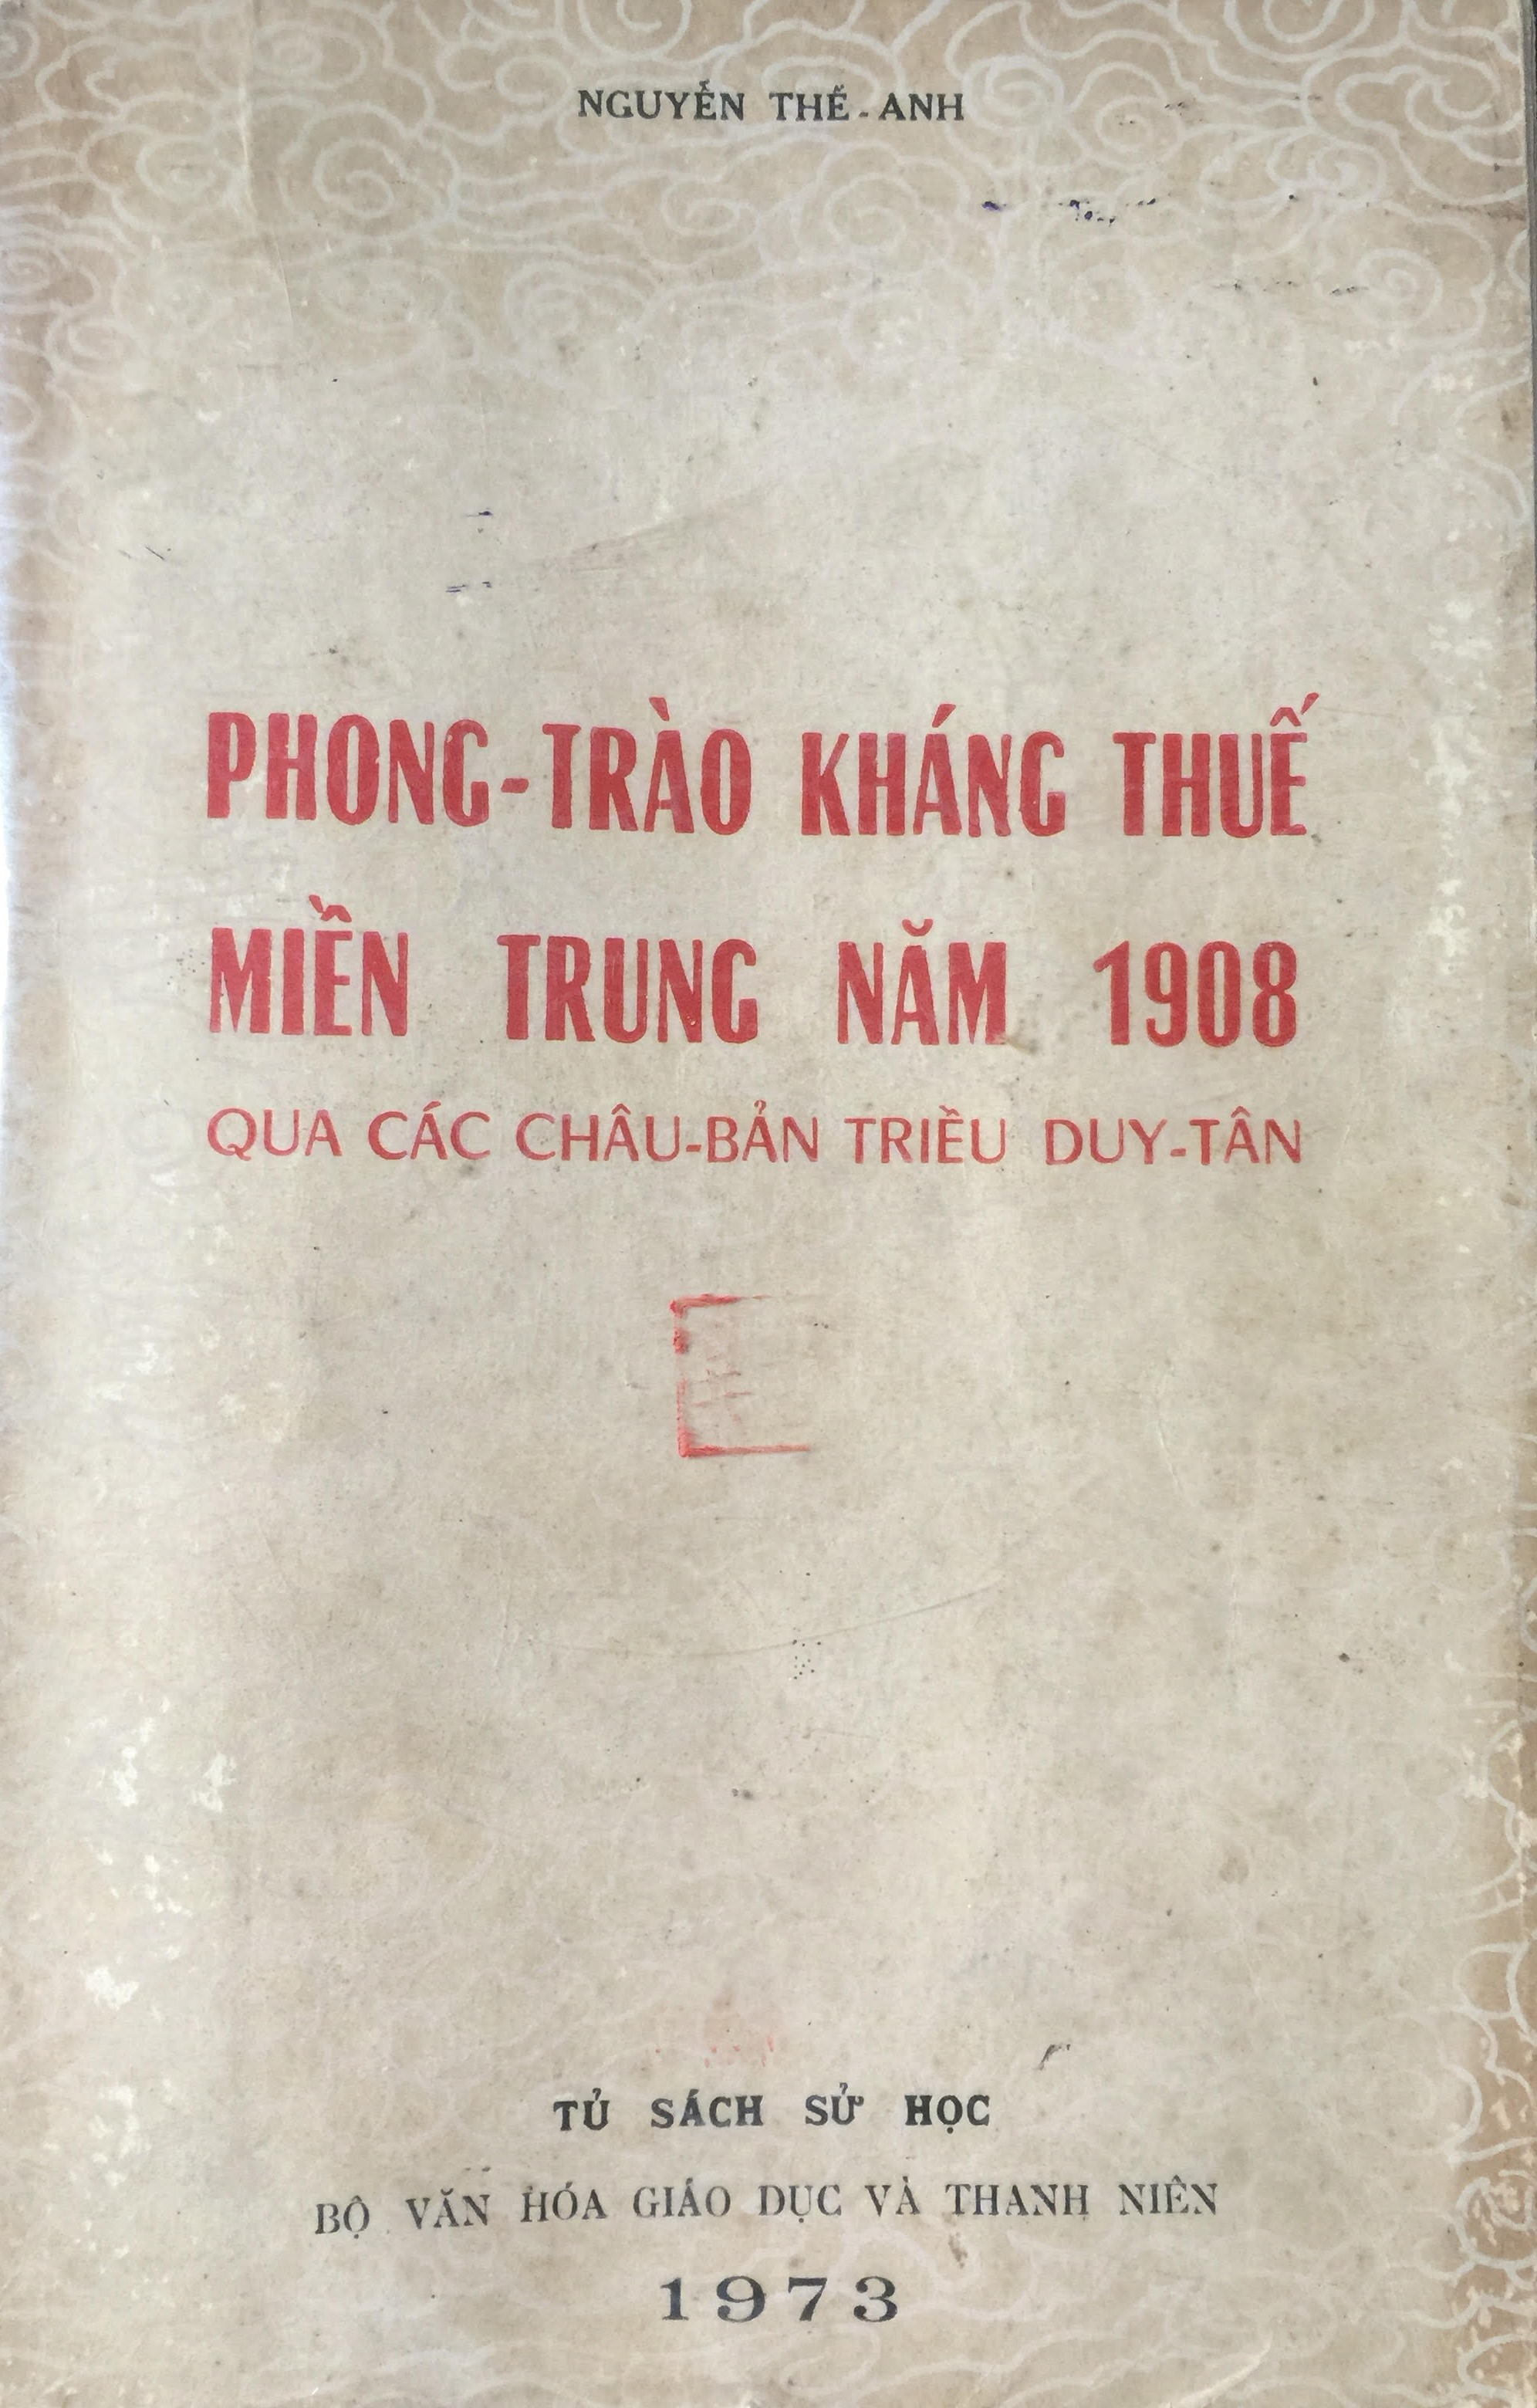 Bìa sách Phong trào kháng thuế miền Trung năm 1908. (Ảnh minh họa)